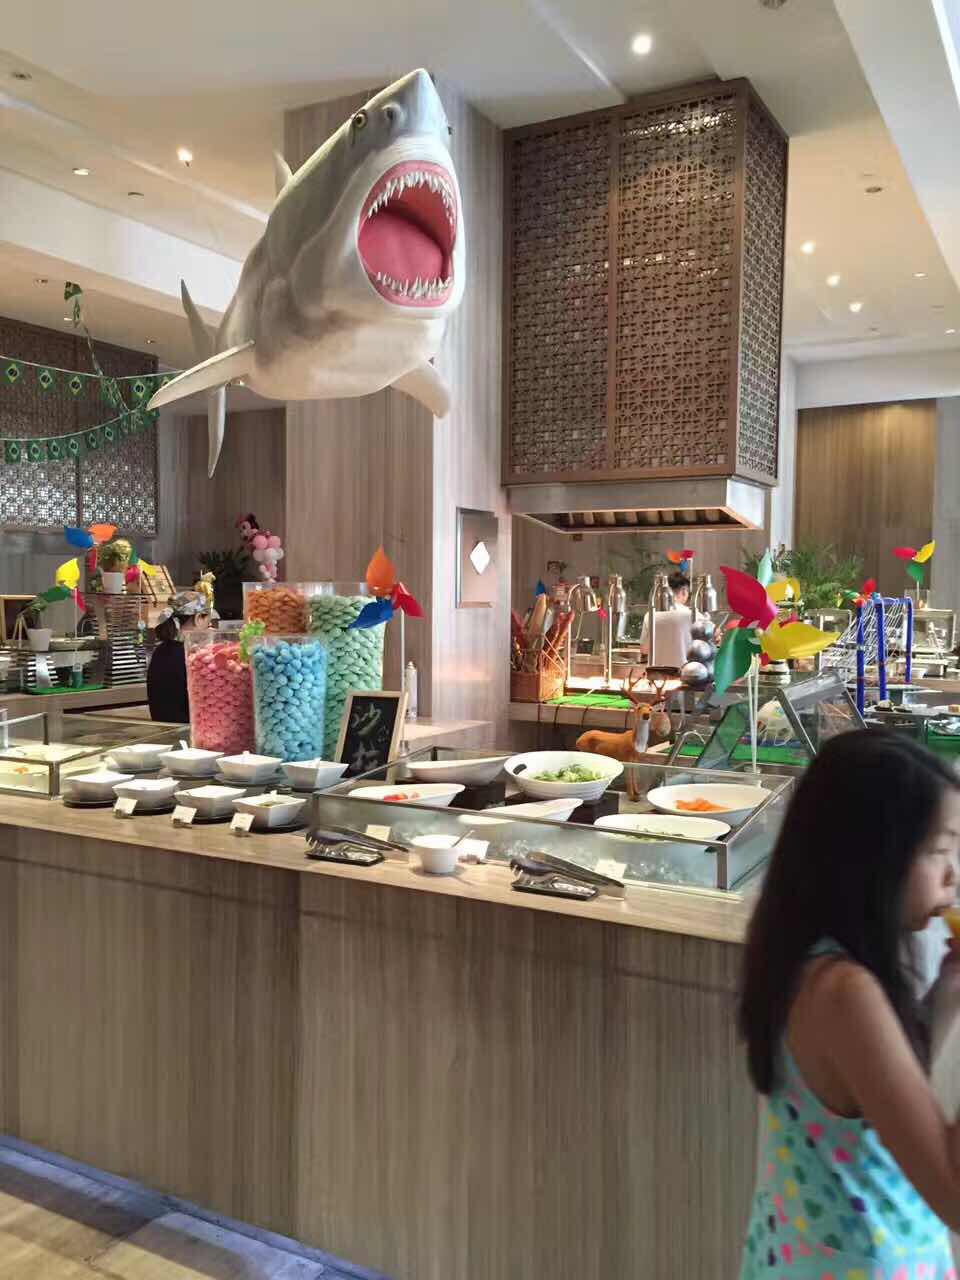 【油桃亲子】住苏州黄金海螺大酒店1晚+双早吃完水岸能吃时光吗图片